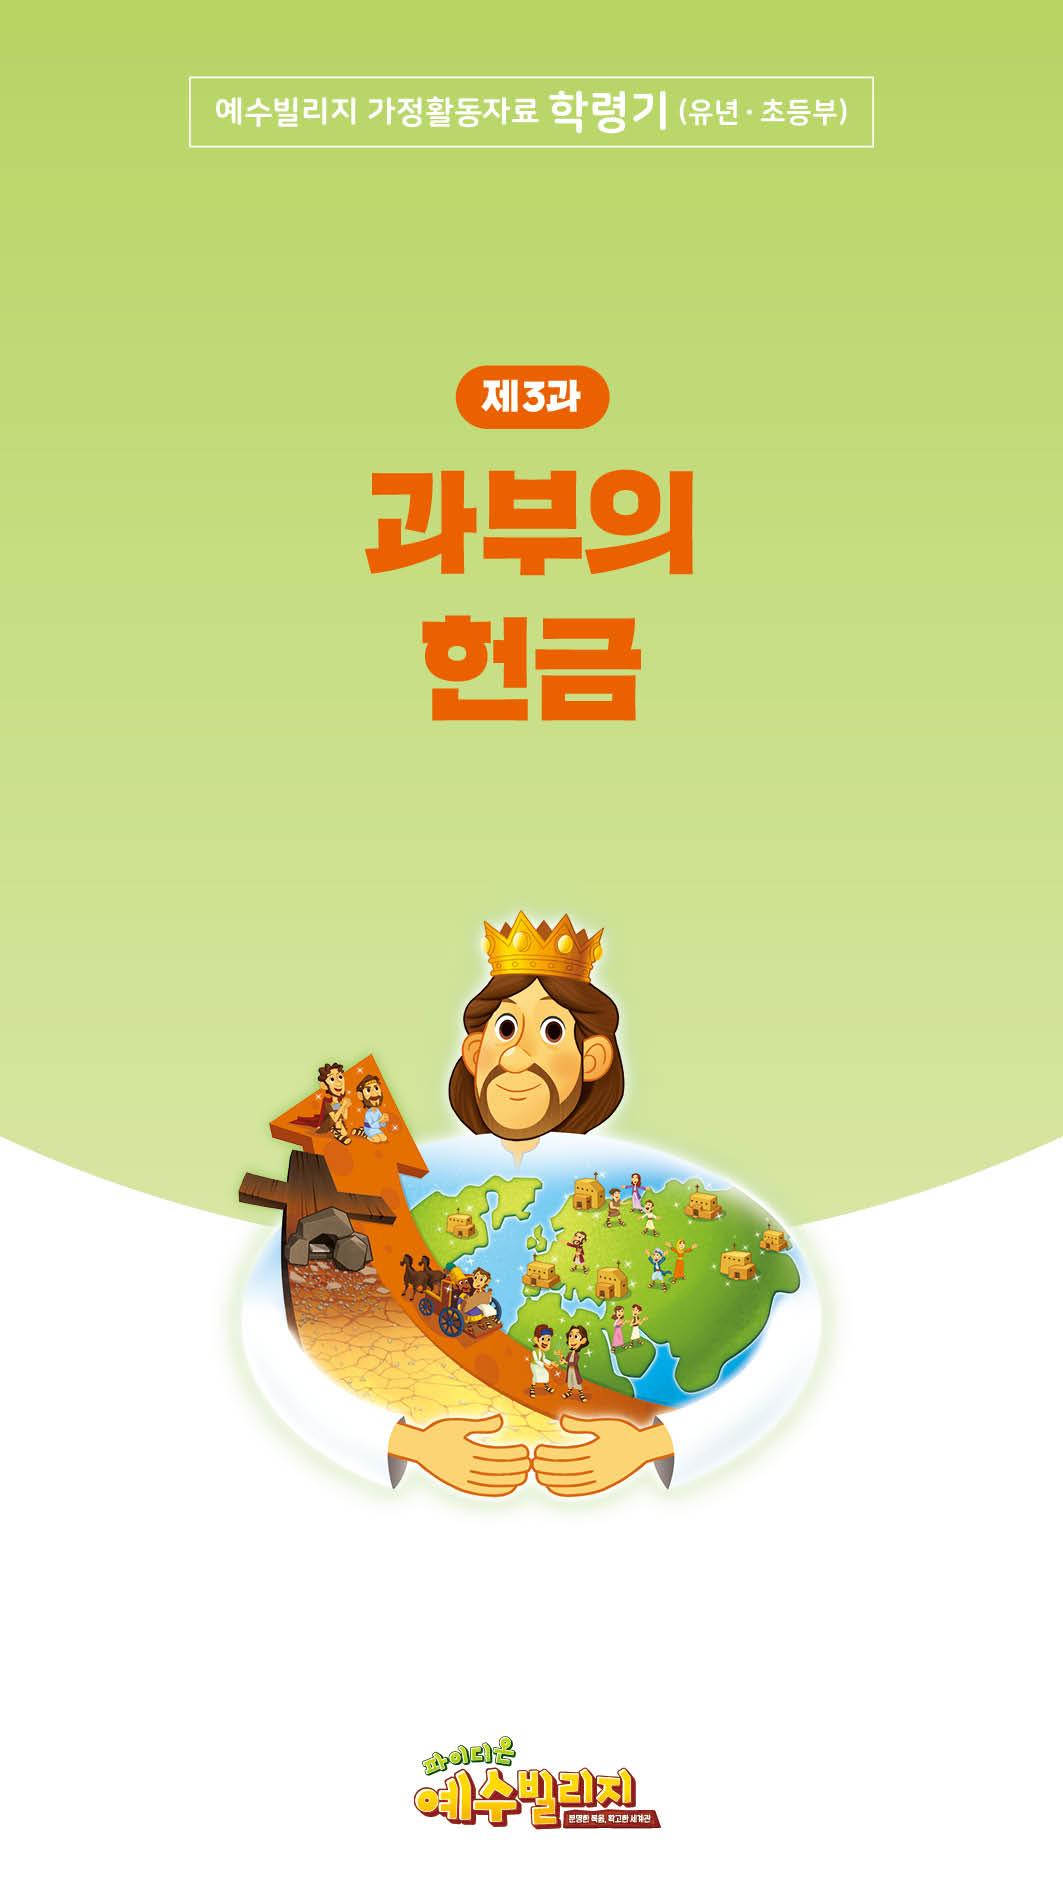 예빌 가정활동자료_신약2 모바일_3과 학령기.jpg